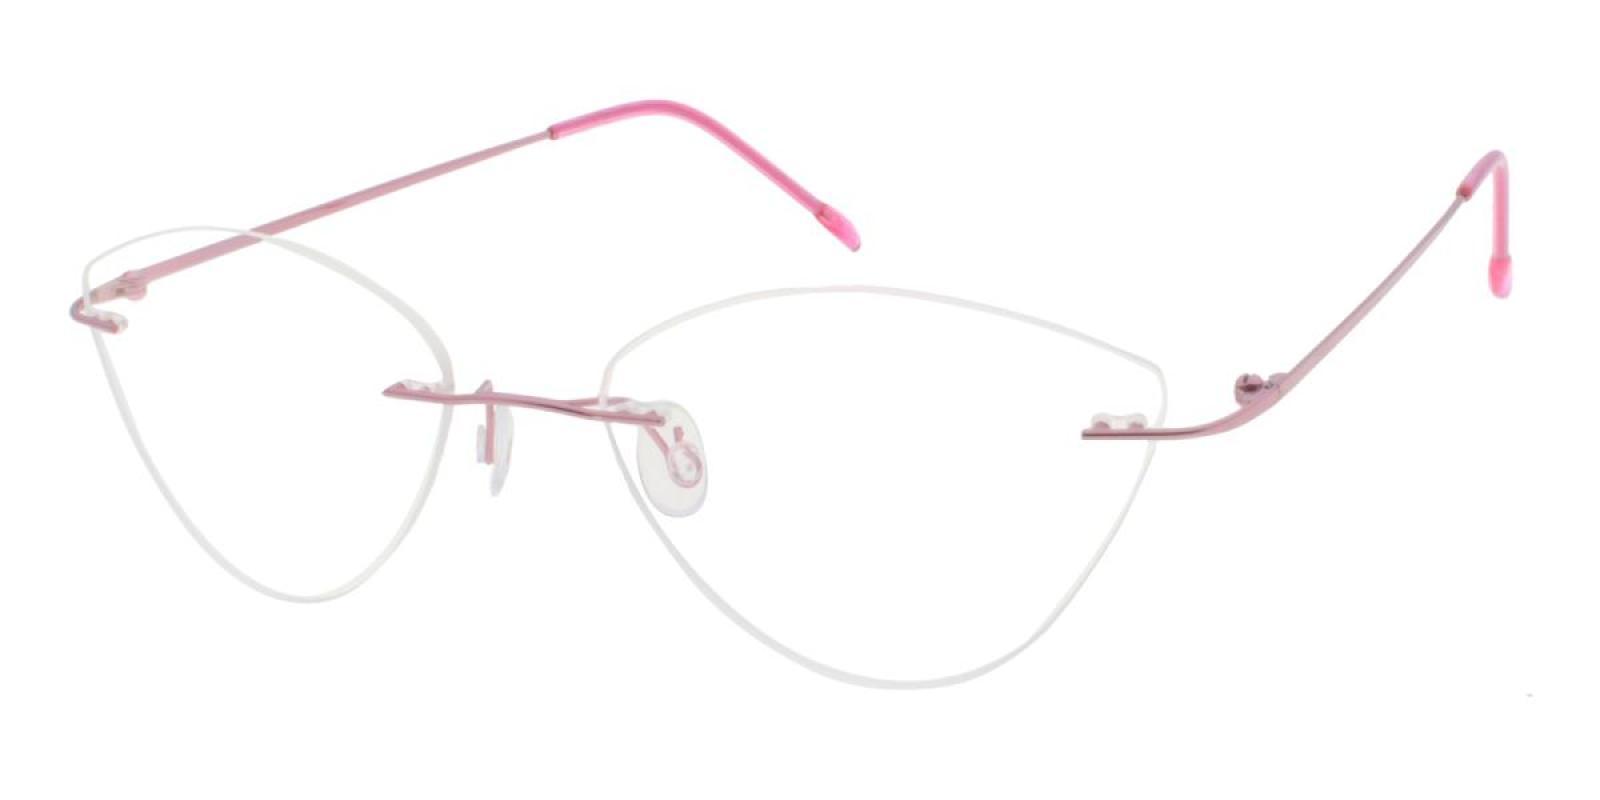 Huram-Pink-Cat / Varieties-Metal-Eyeglasses-additional1